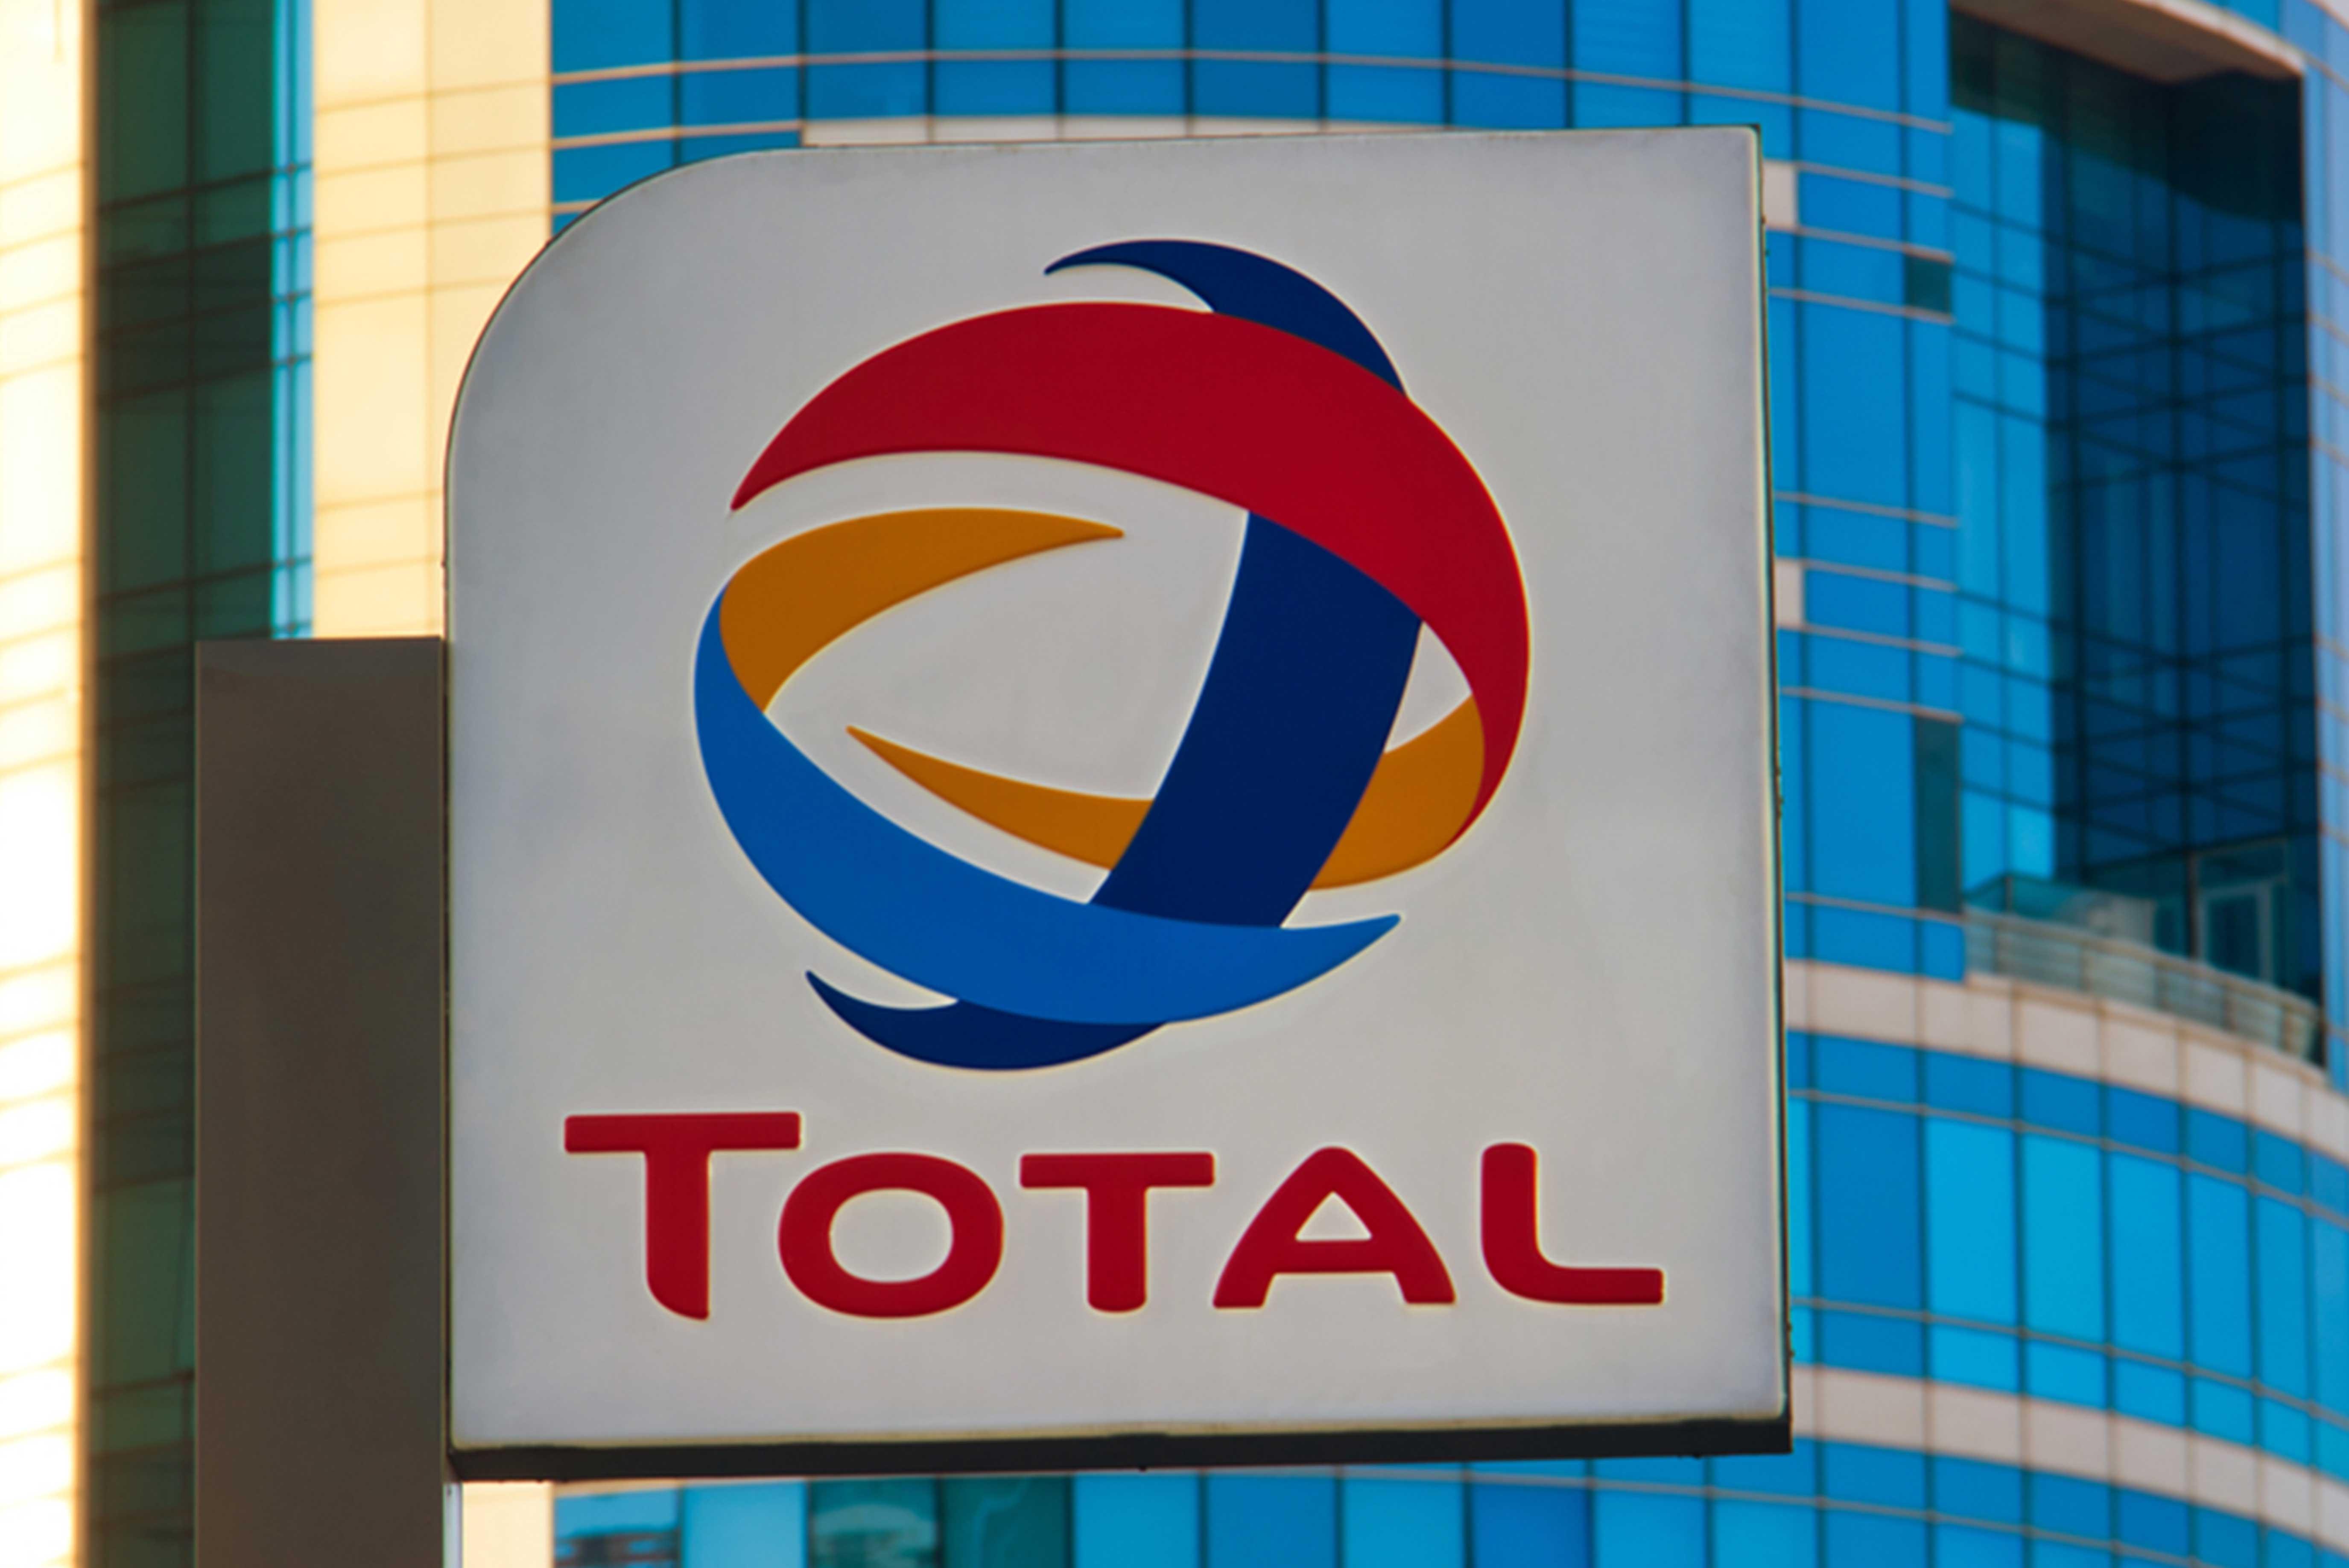 Mazzoleni F.lli distributore ufficiale della gamma di lubrificanti per la lavorazione dei metalli a marchio Total